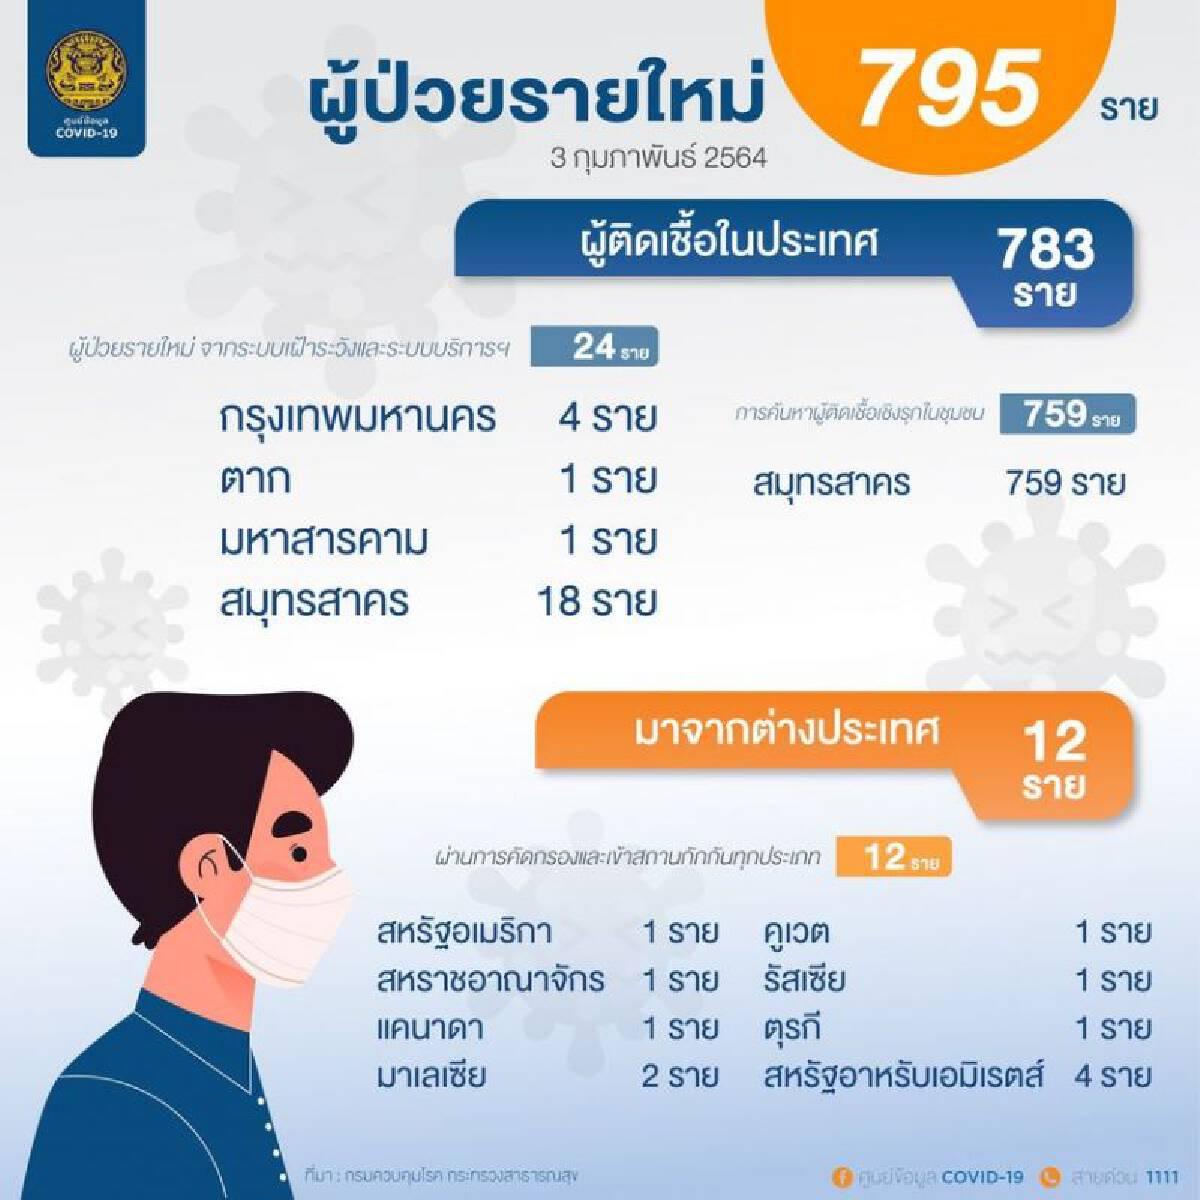 เปิดข้อมูลผู้ติดเชื้อโควิด-19 รายใหม่ 795 ราย